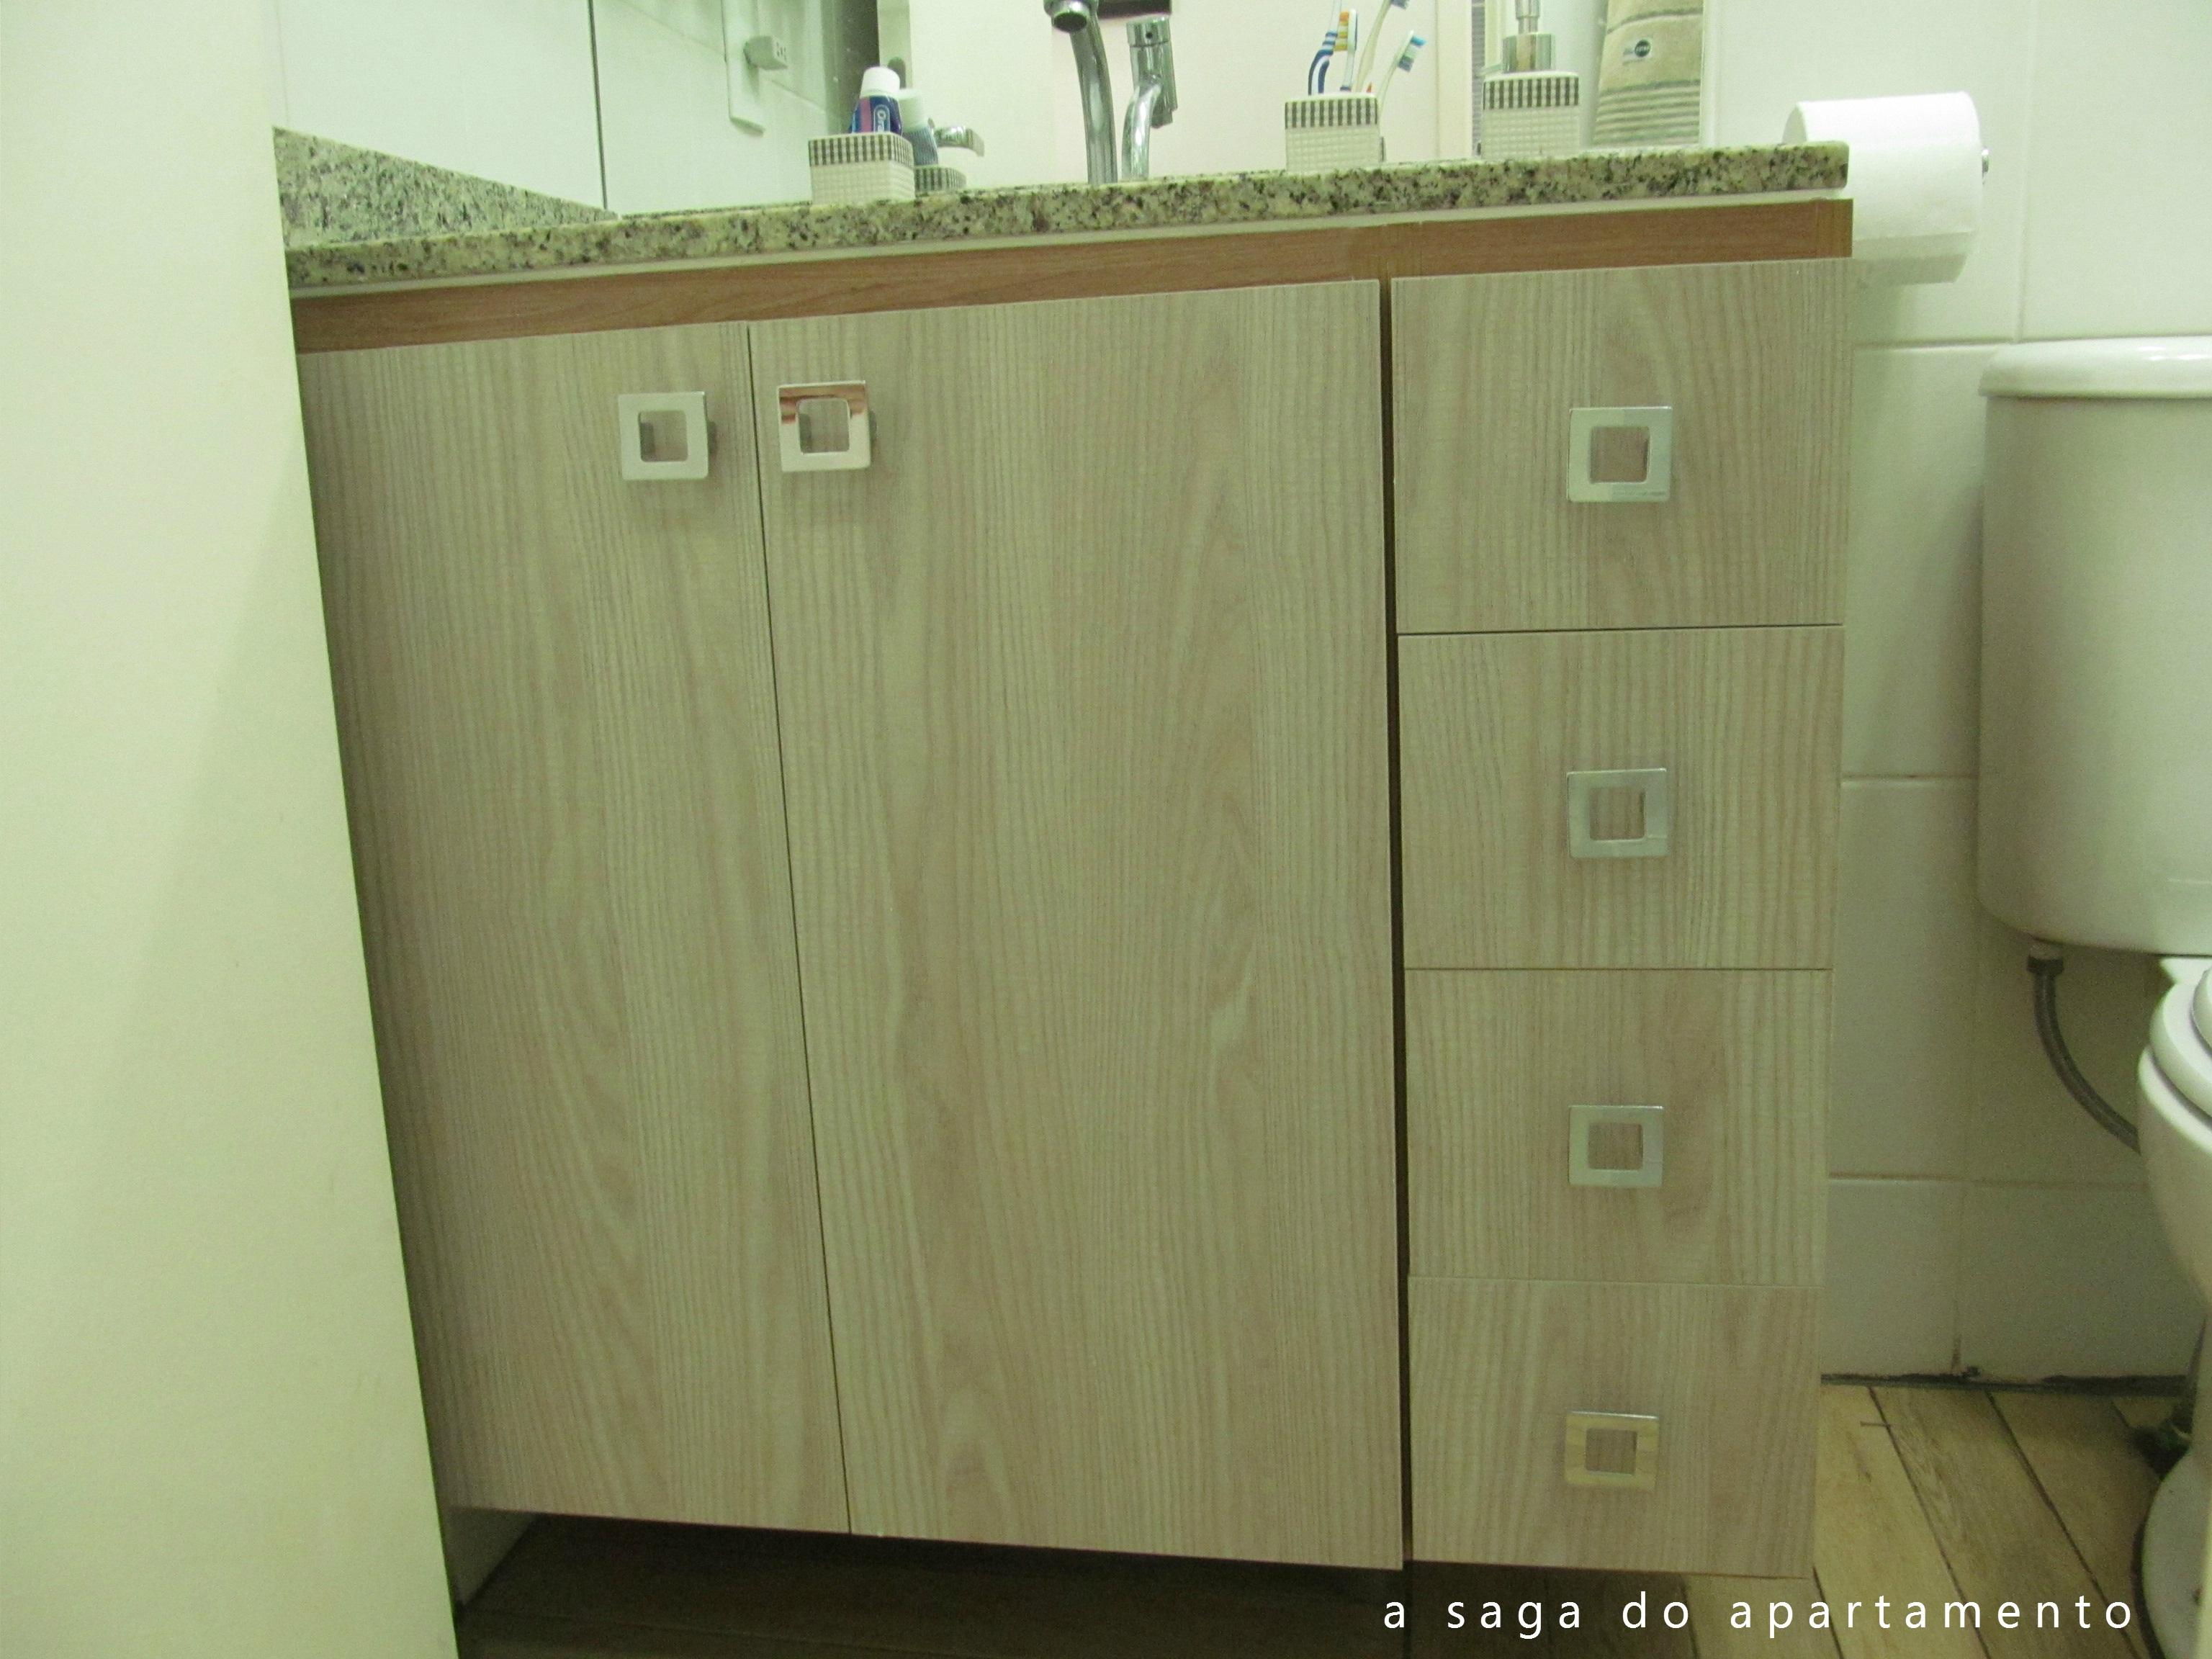 notável Armário Planejado do Banheiro a saga do apartamento #5C5230 3072 2304